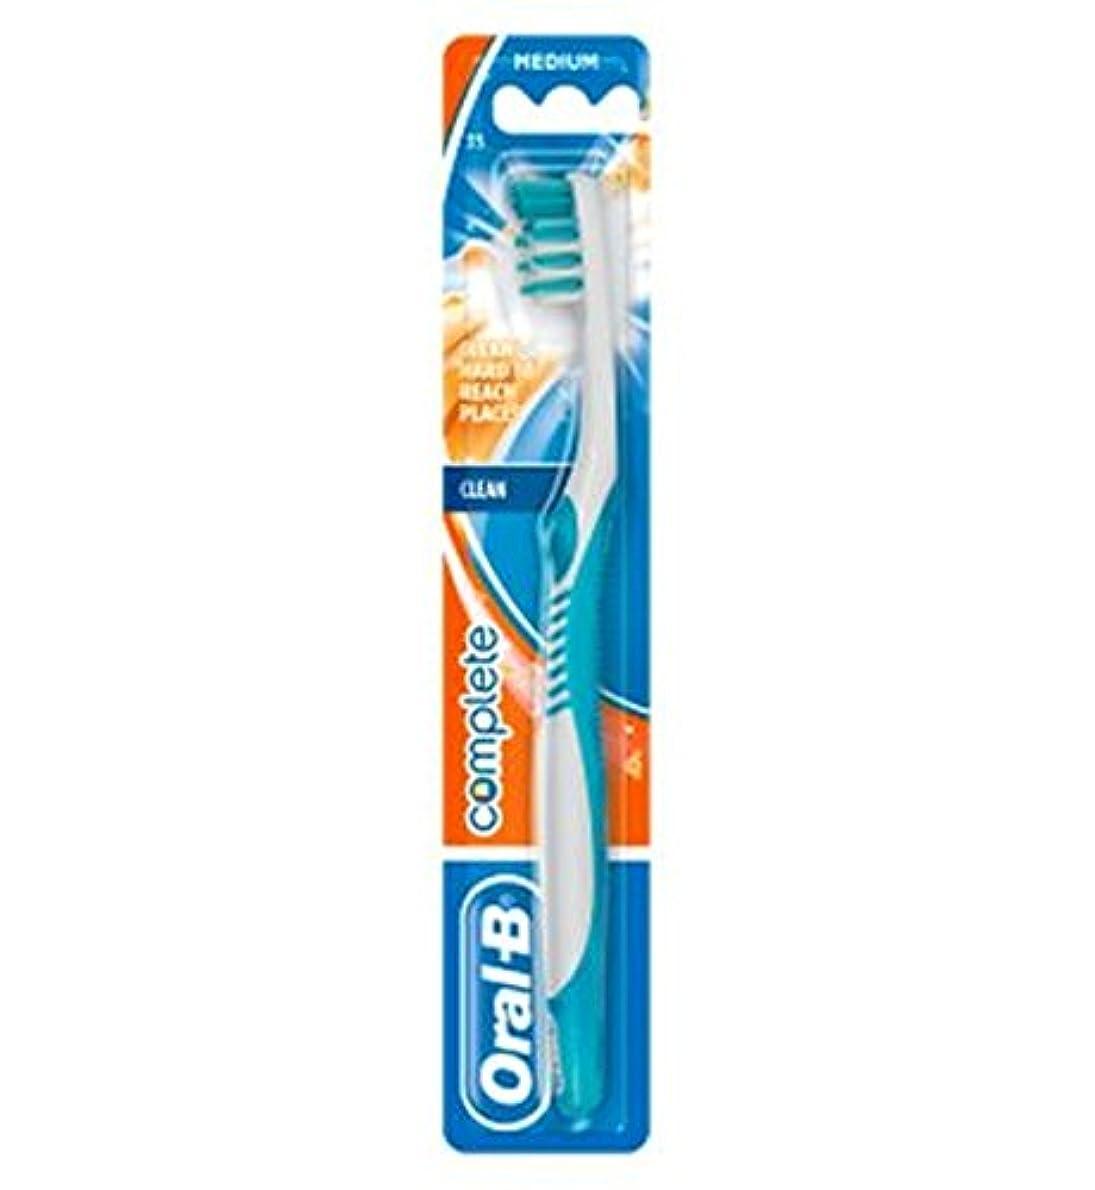 カスケード革新タッチオーラルB?アドバンテージ?プラス35 Med歯ブラシ (Oral B) (x2) - Oral-B Advantage Plus 35 Med Toothbrush (Pack of 2) [並行輸入品]